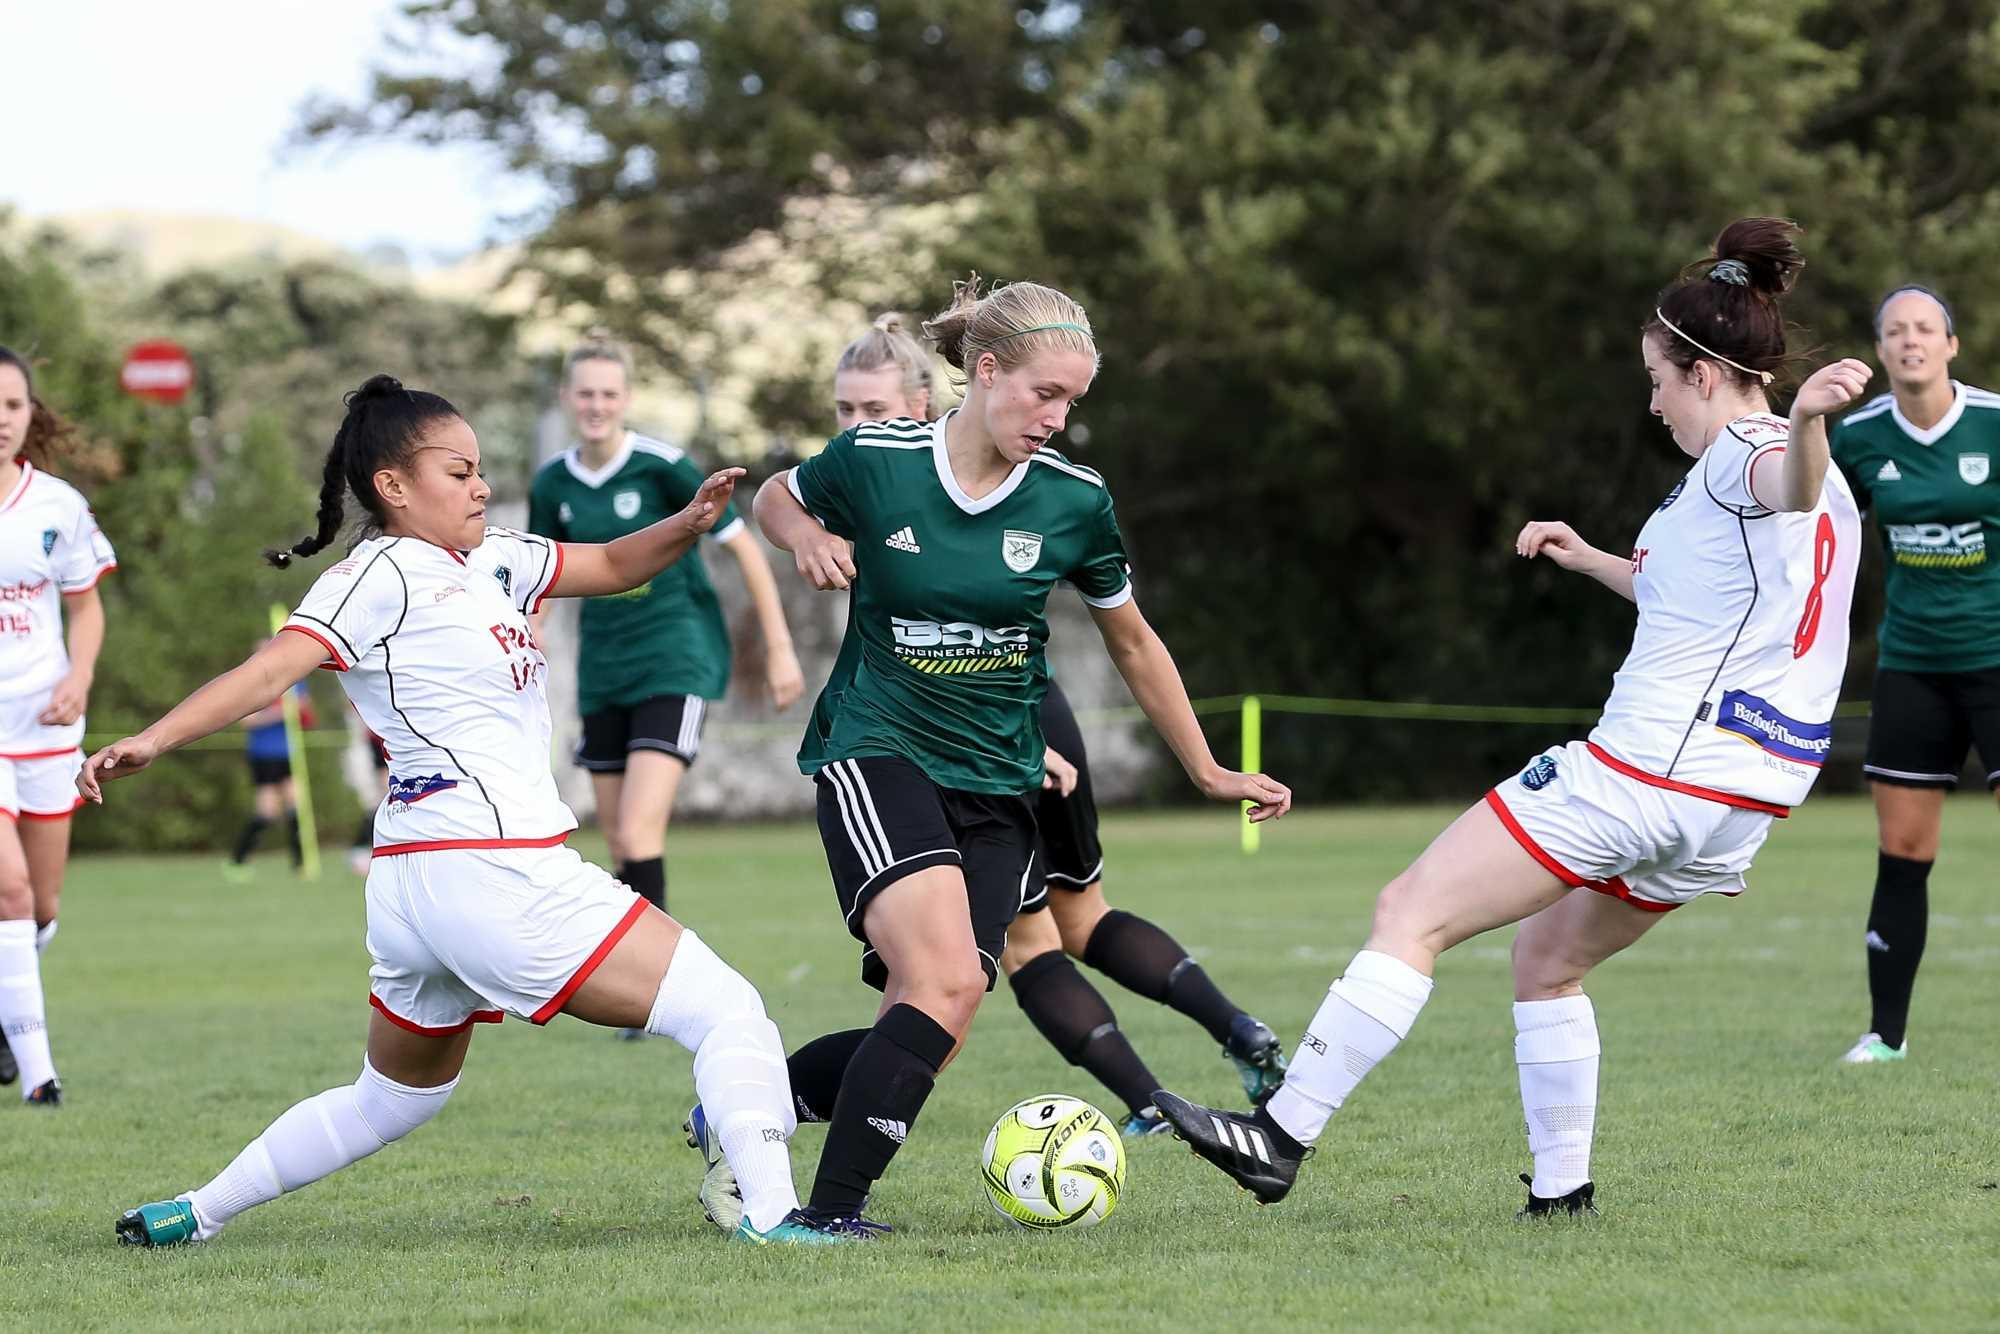 LOTTO NRFL Women's Premier Results – July 12/14